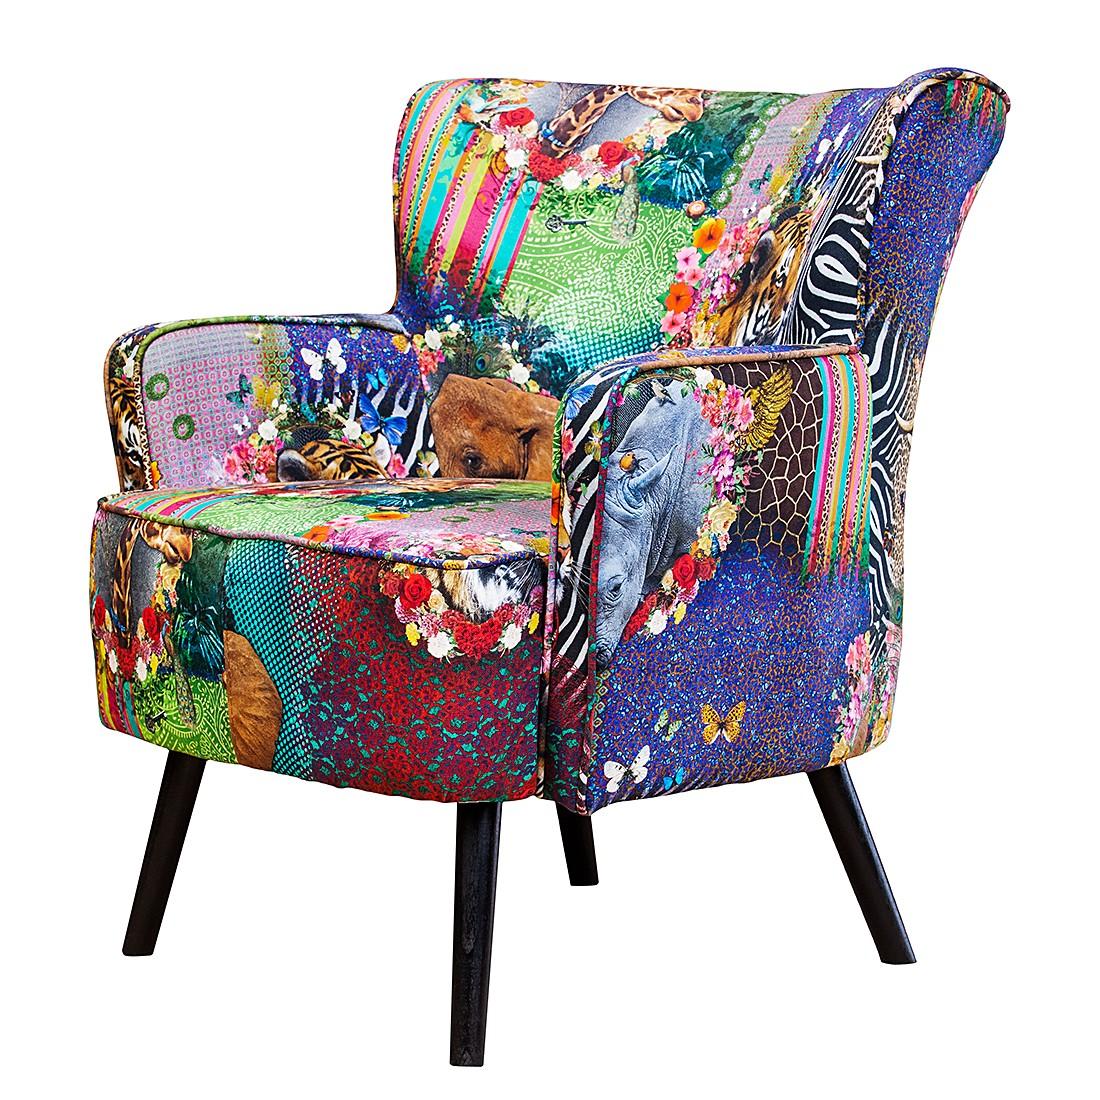 Sessel farbig  28% sparen - Sessel WAVRE TAHITI & ROMANTICA - nur 179,99 ...